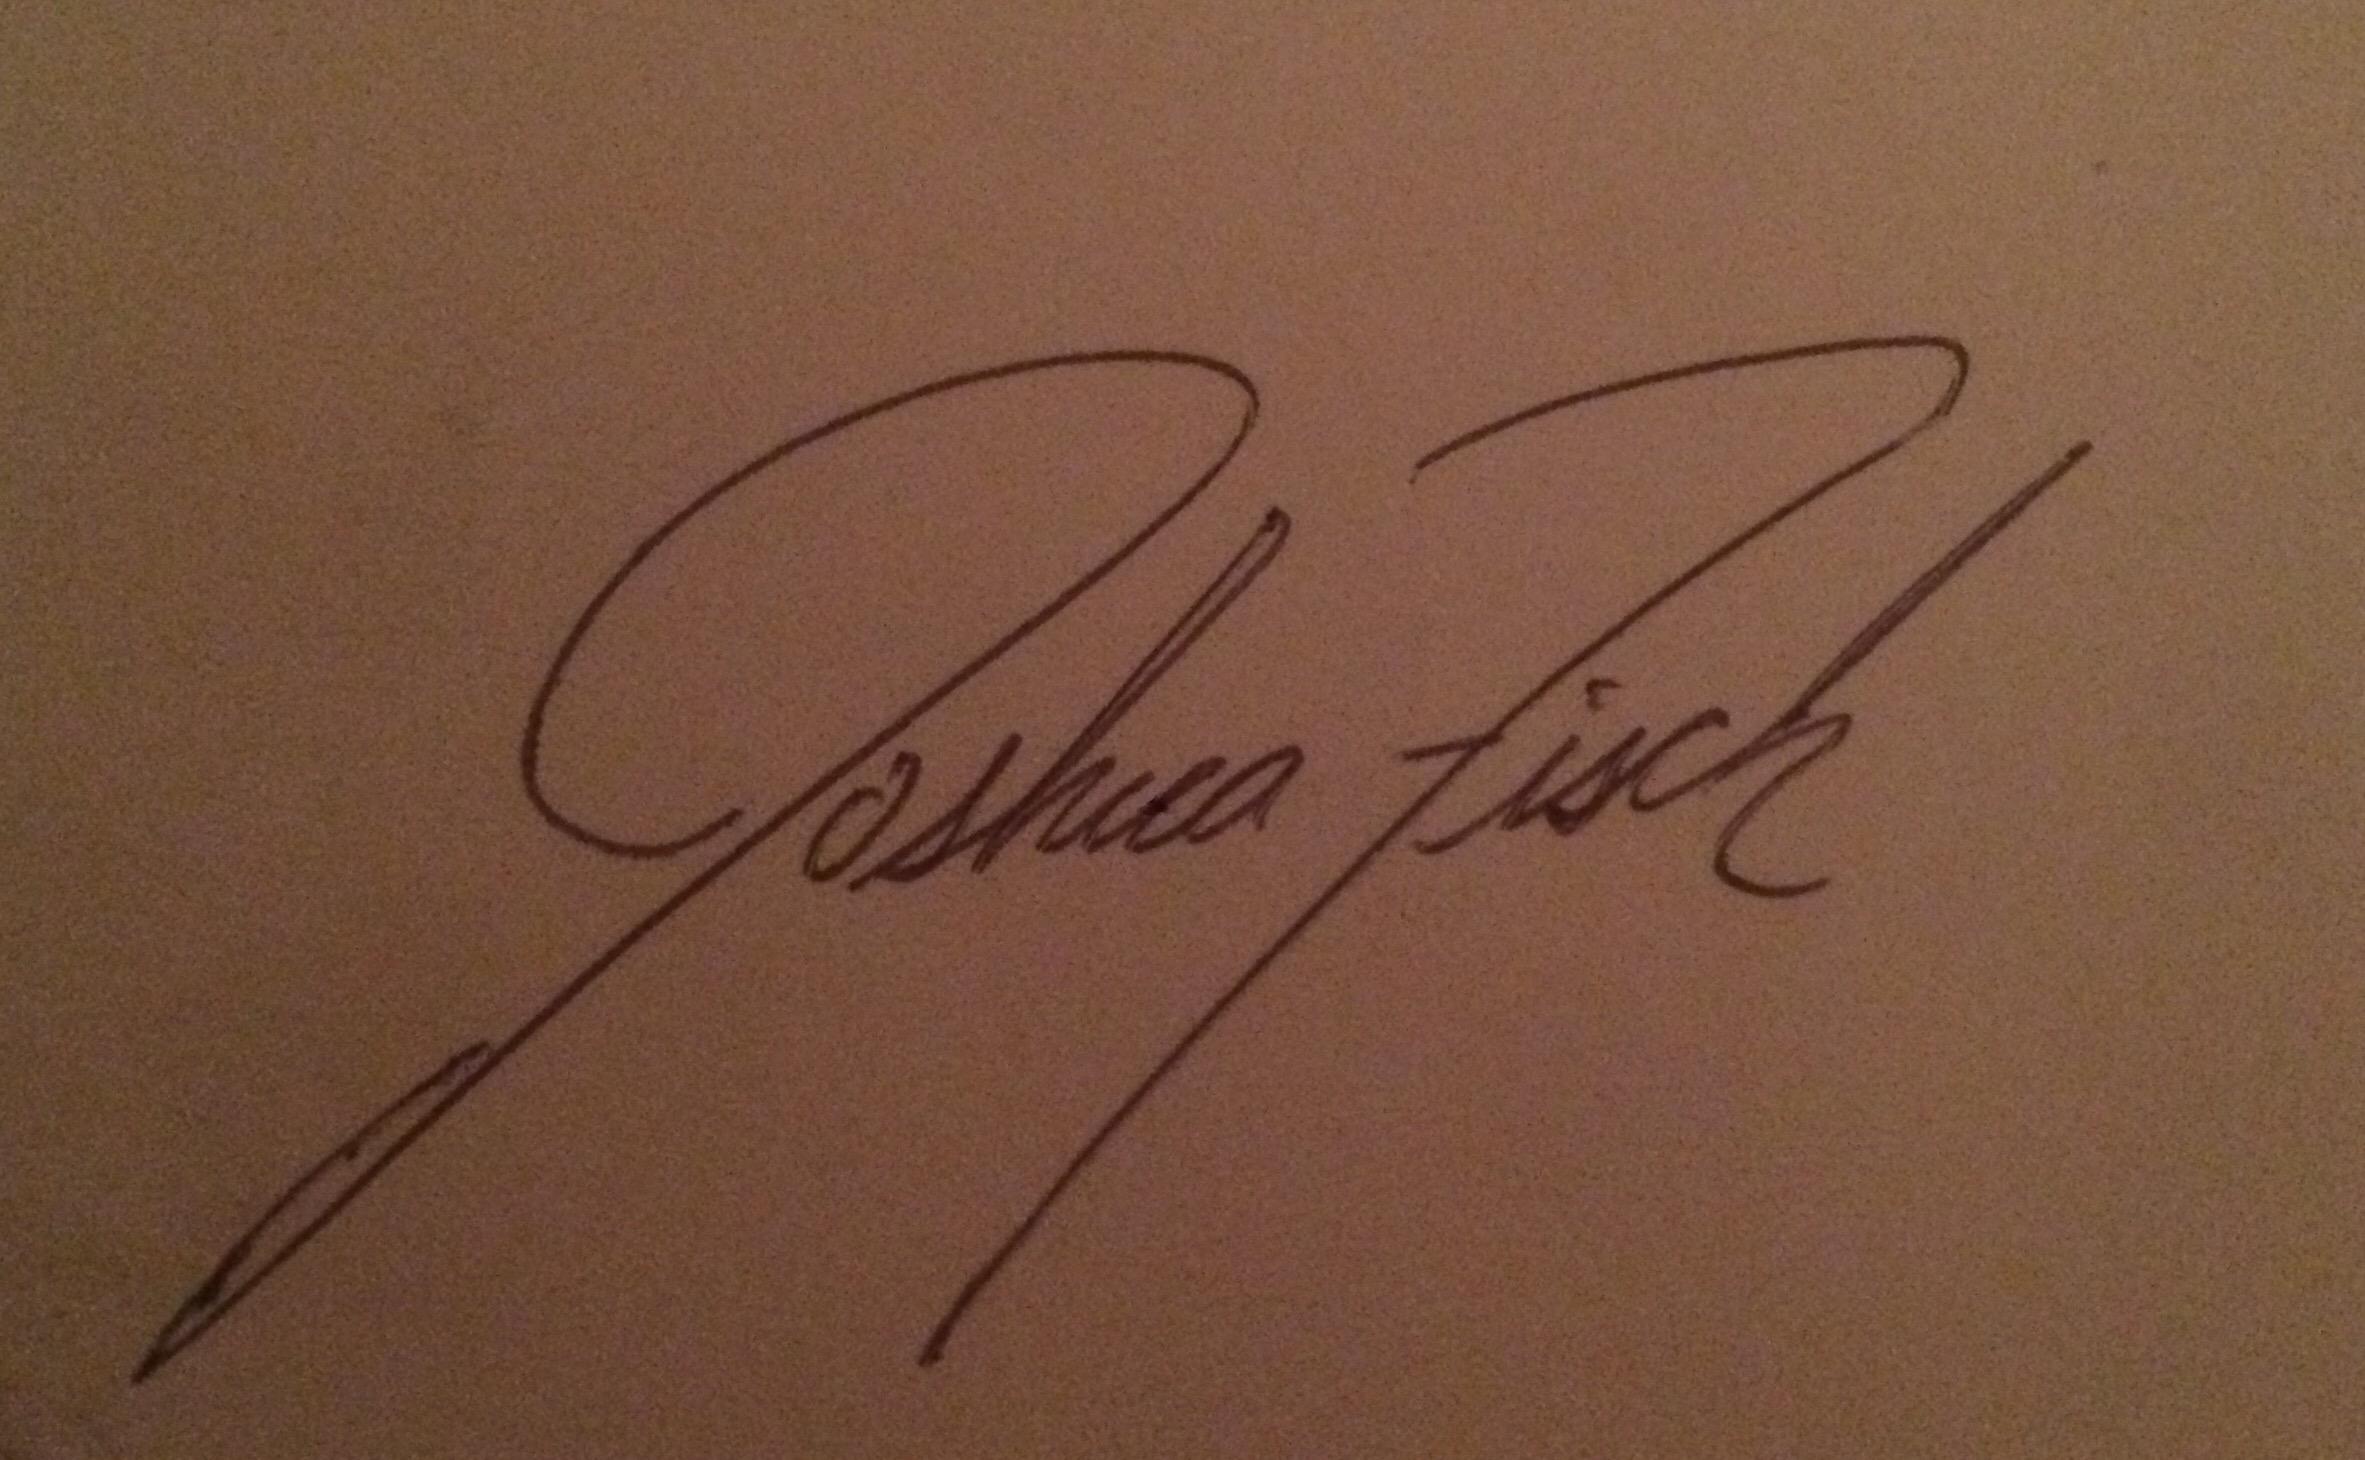 JOshua Fisch's Signature